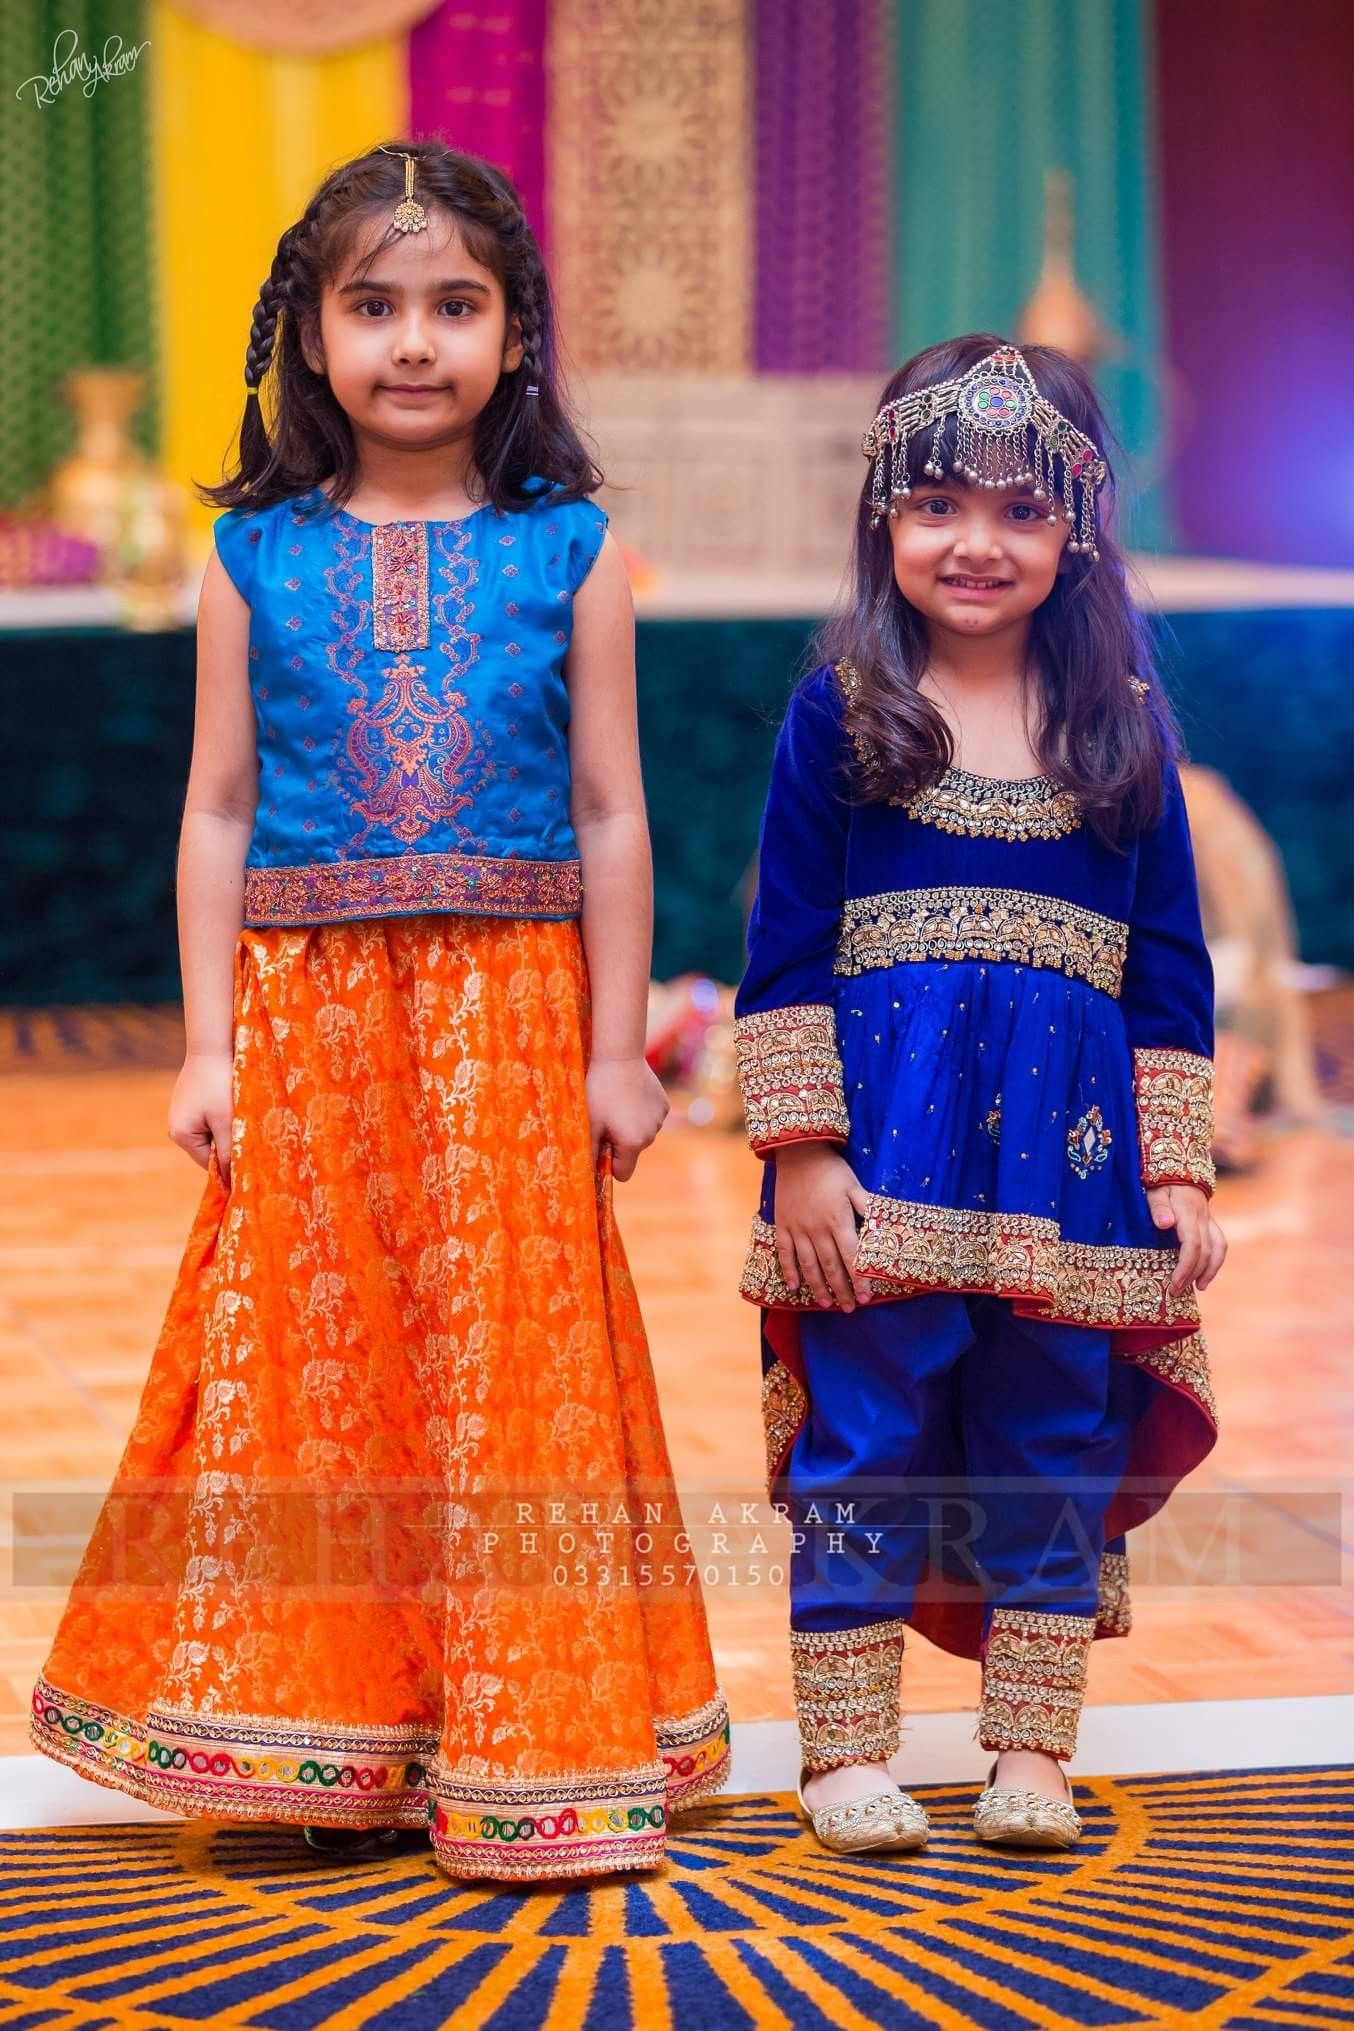 a885c4d4c1 Baby Dresses, Girls Dresses, Pakistani Bridal, Boy Blue, Little Girl  Fashion,. Visit. March 2019